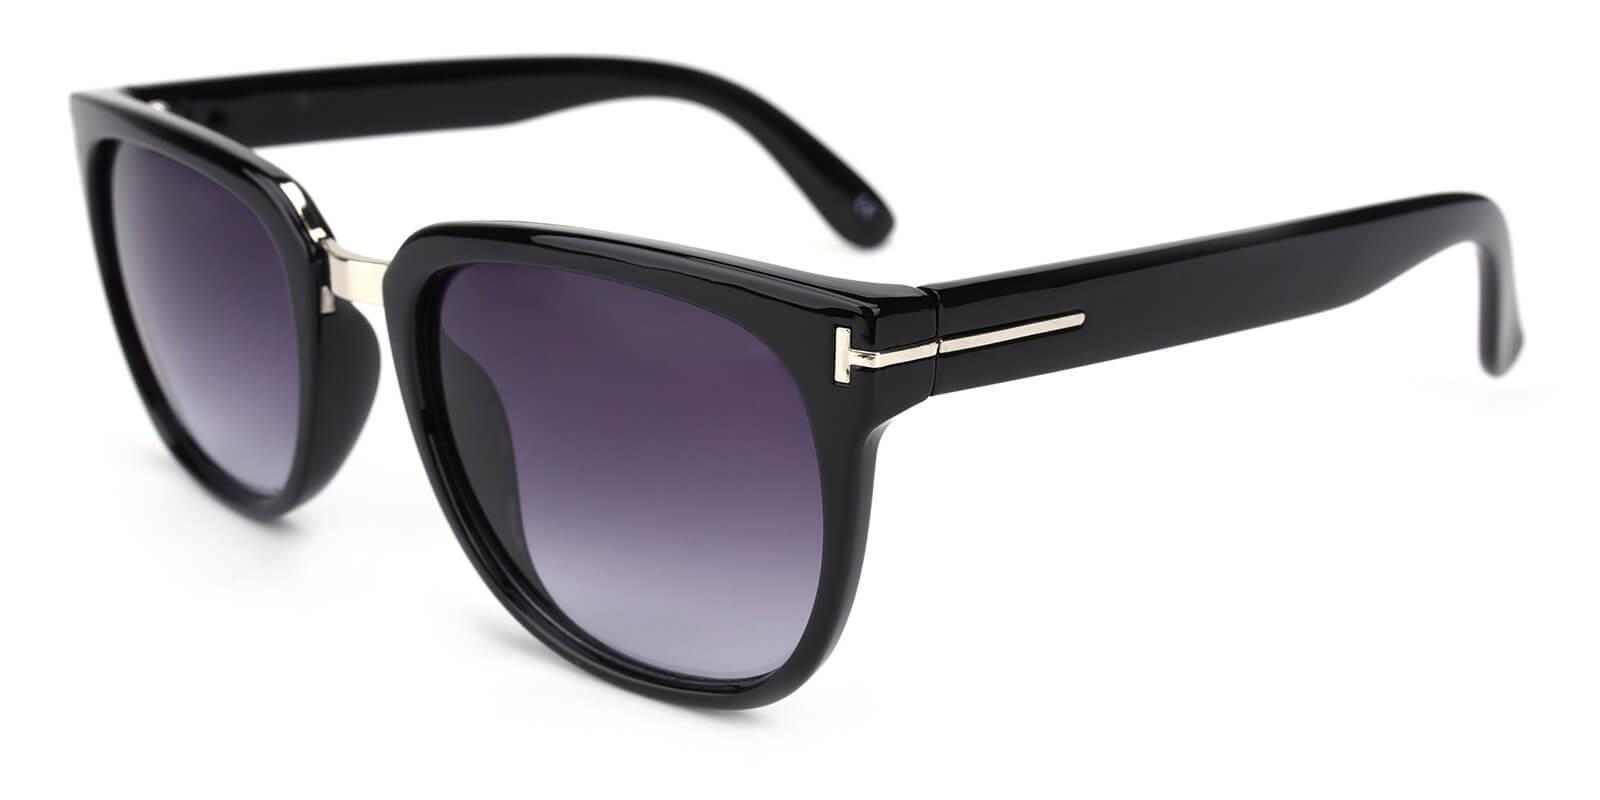 Vamp-Black-Square-Acetate-Sunglasses-additional1